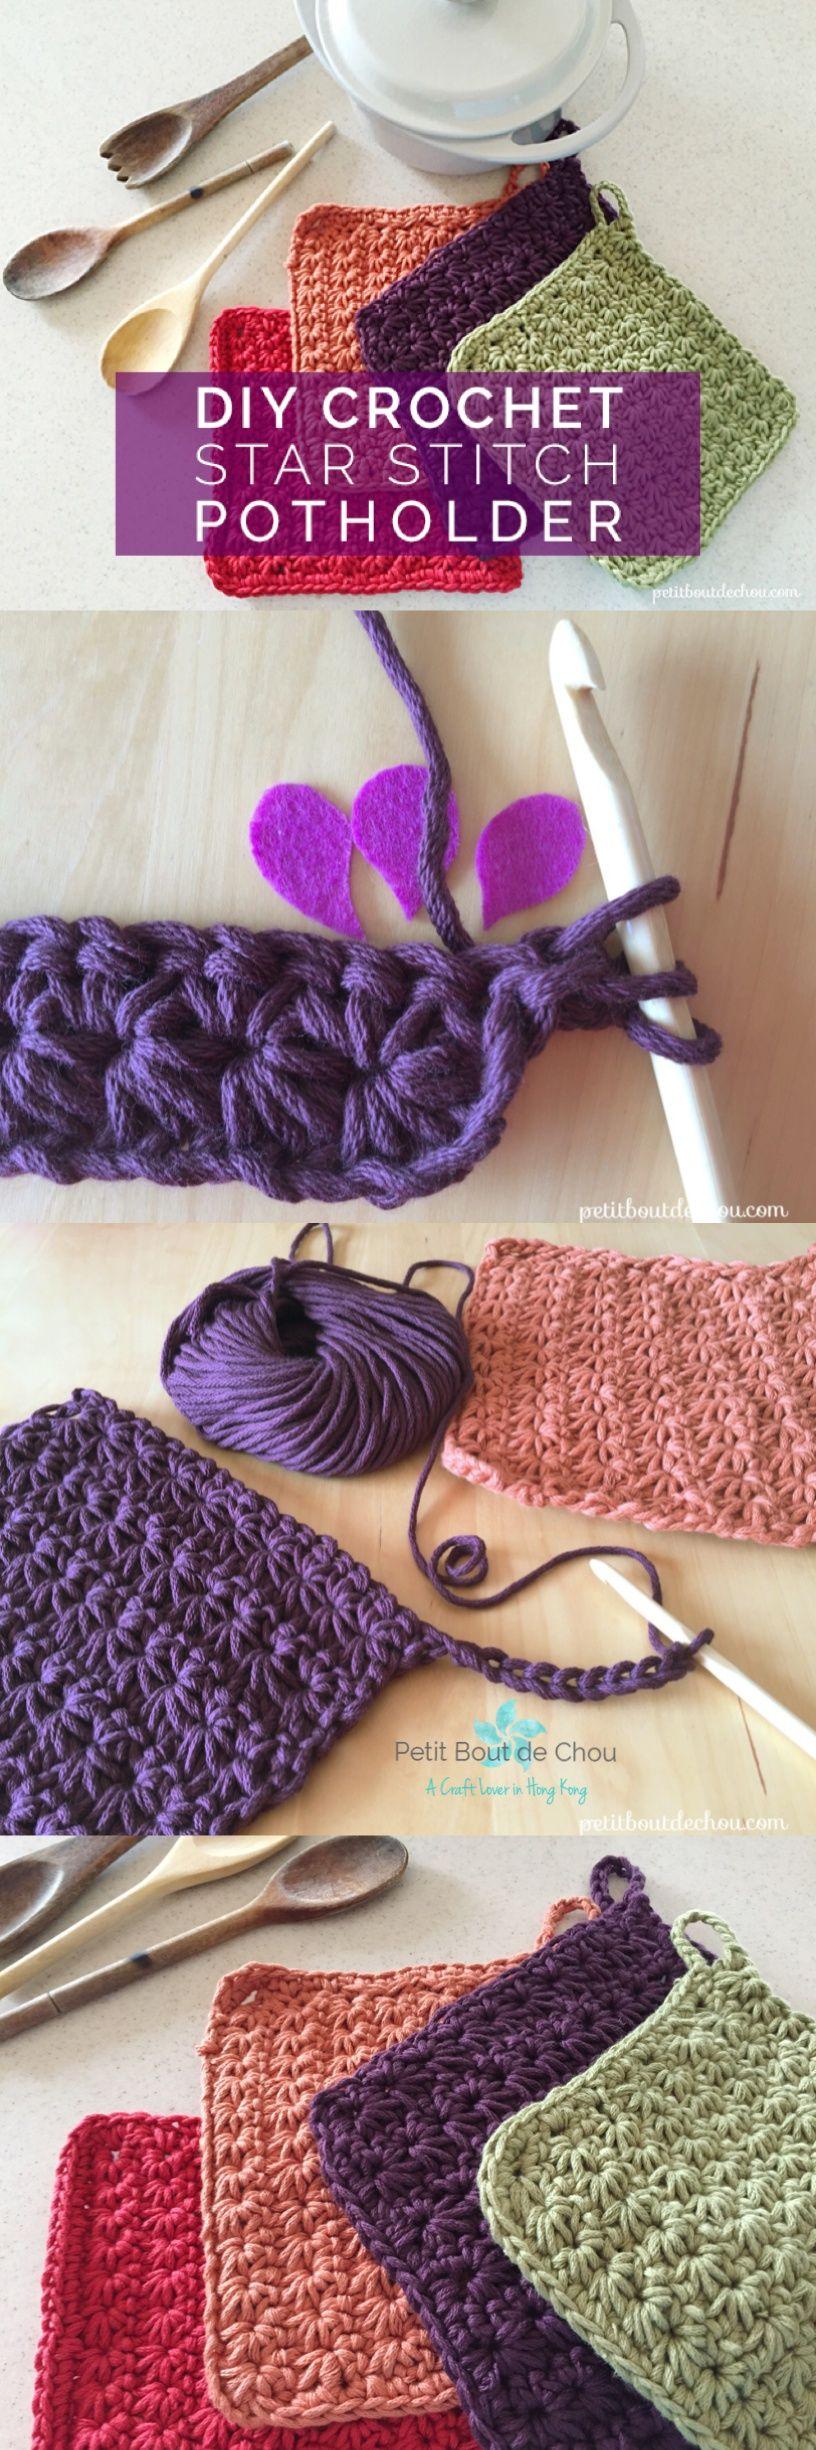 DIY Crochet Star Stitch Potholder | Crochet star stitch, Crochet ...